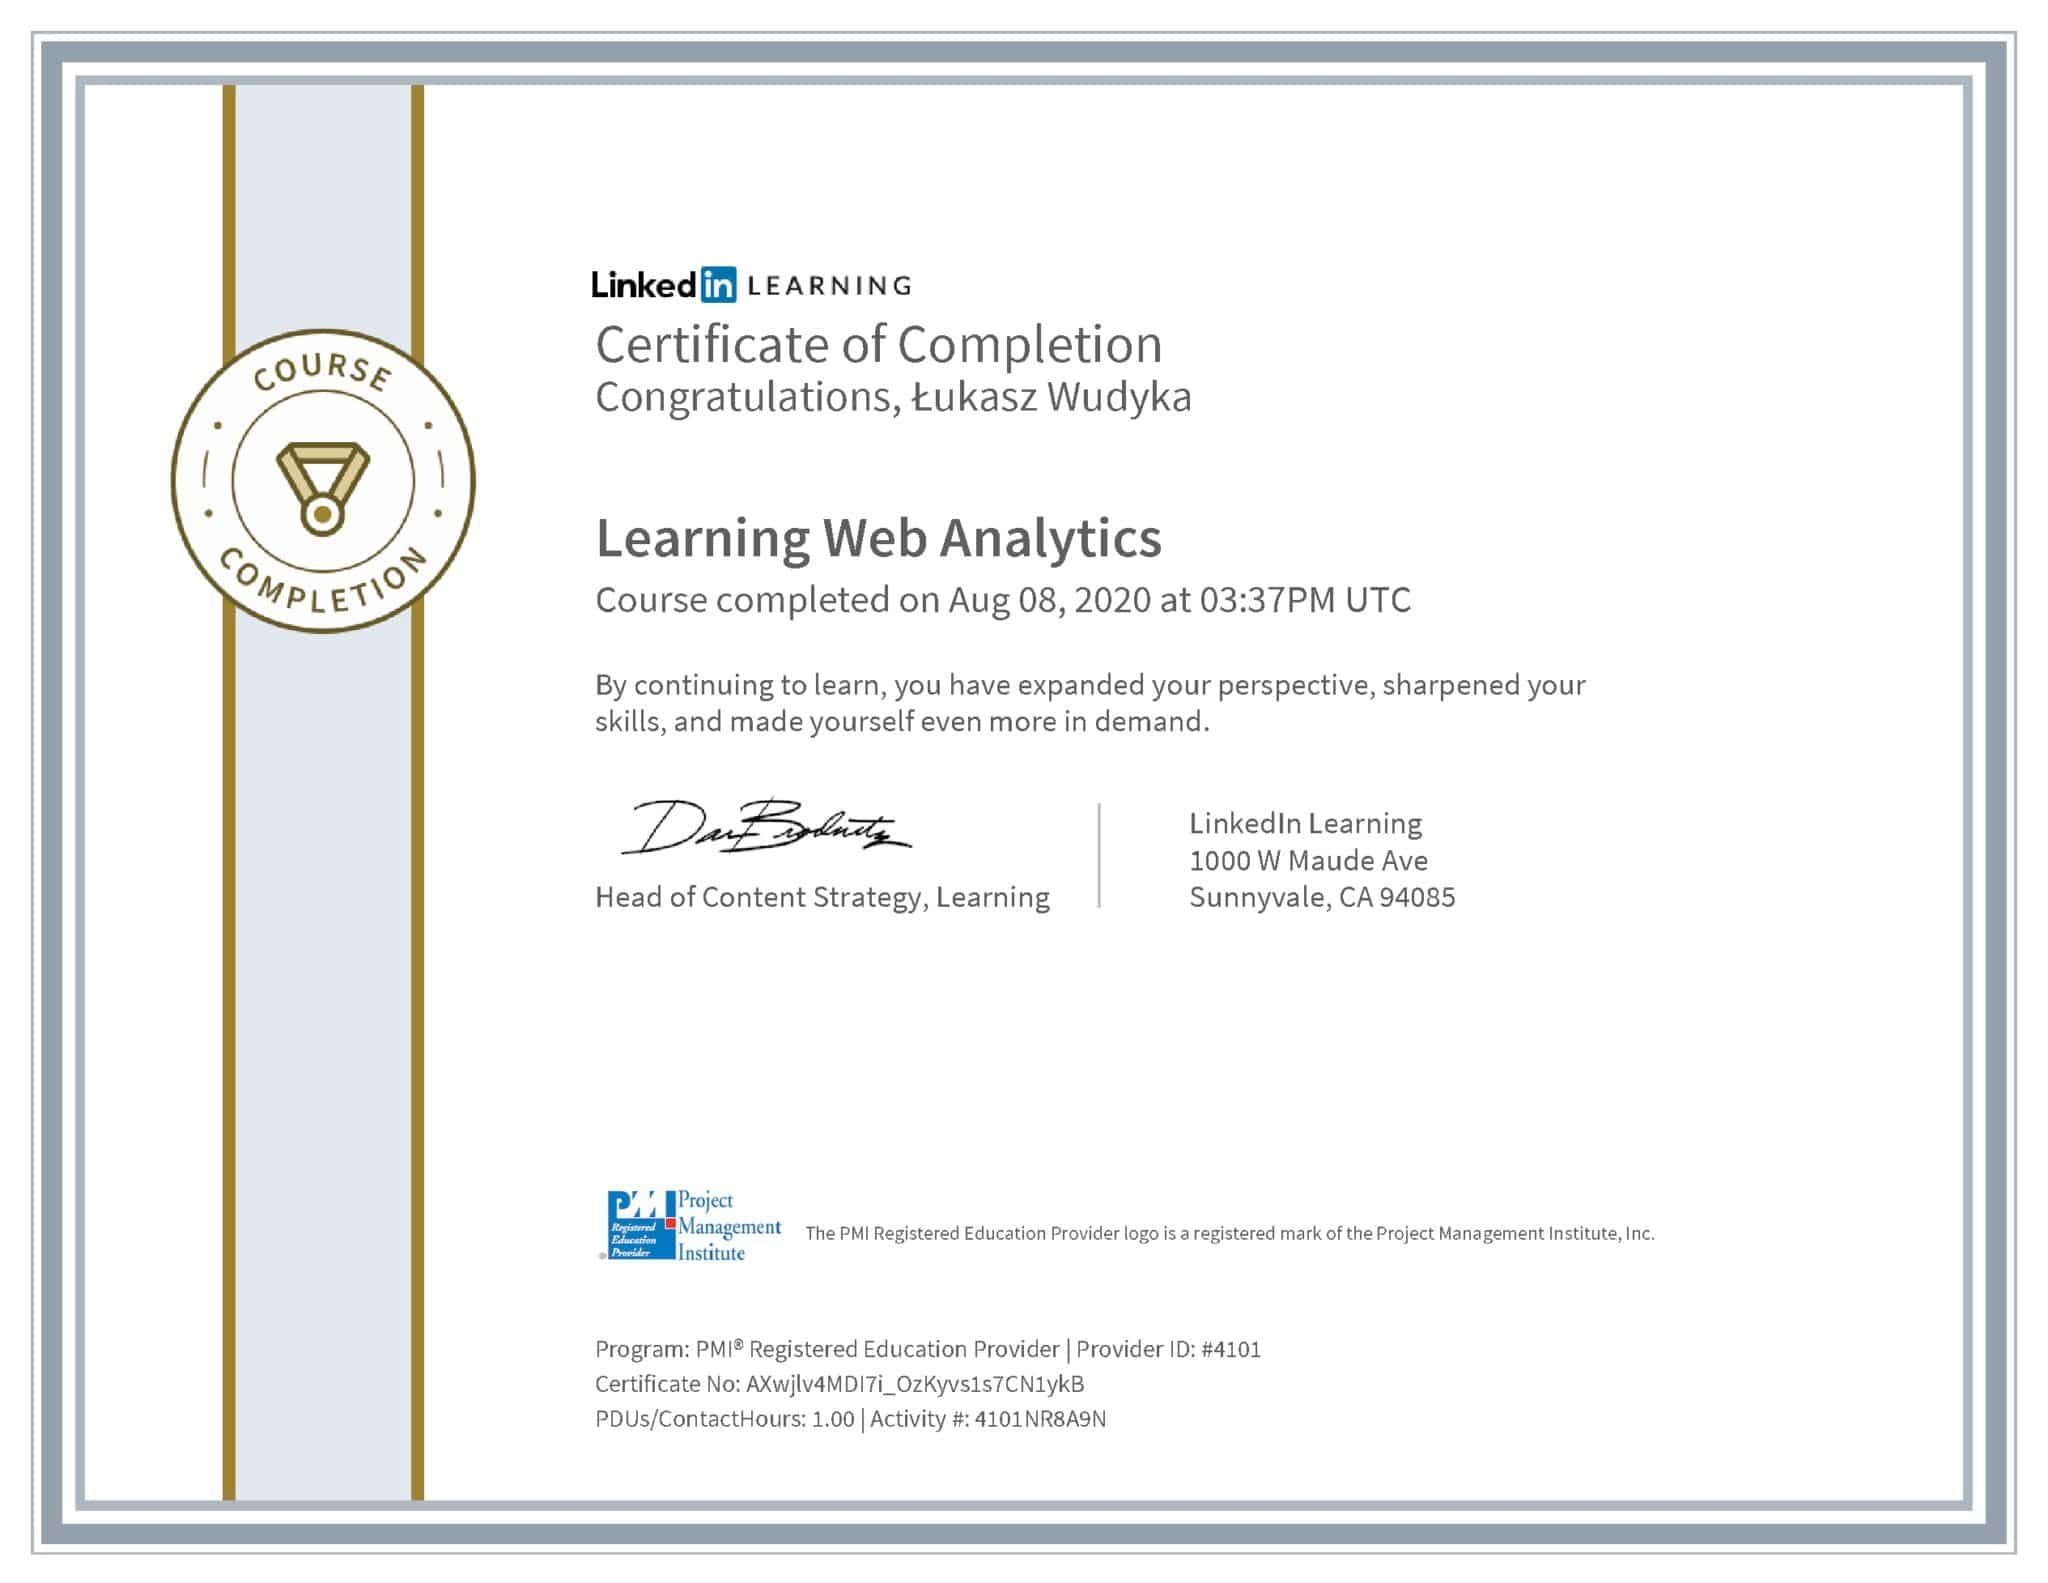 Łukasz Wudyka certyfikat LinkedIn Learning Web Analytics PMI